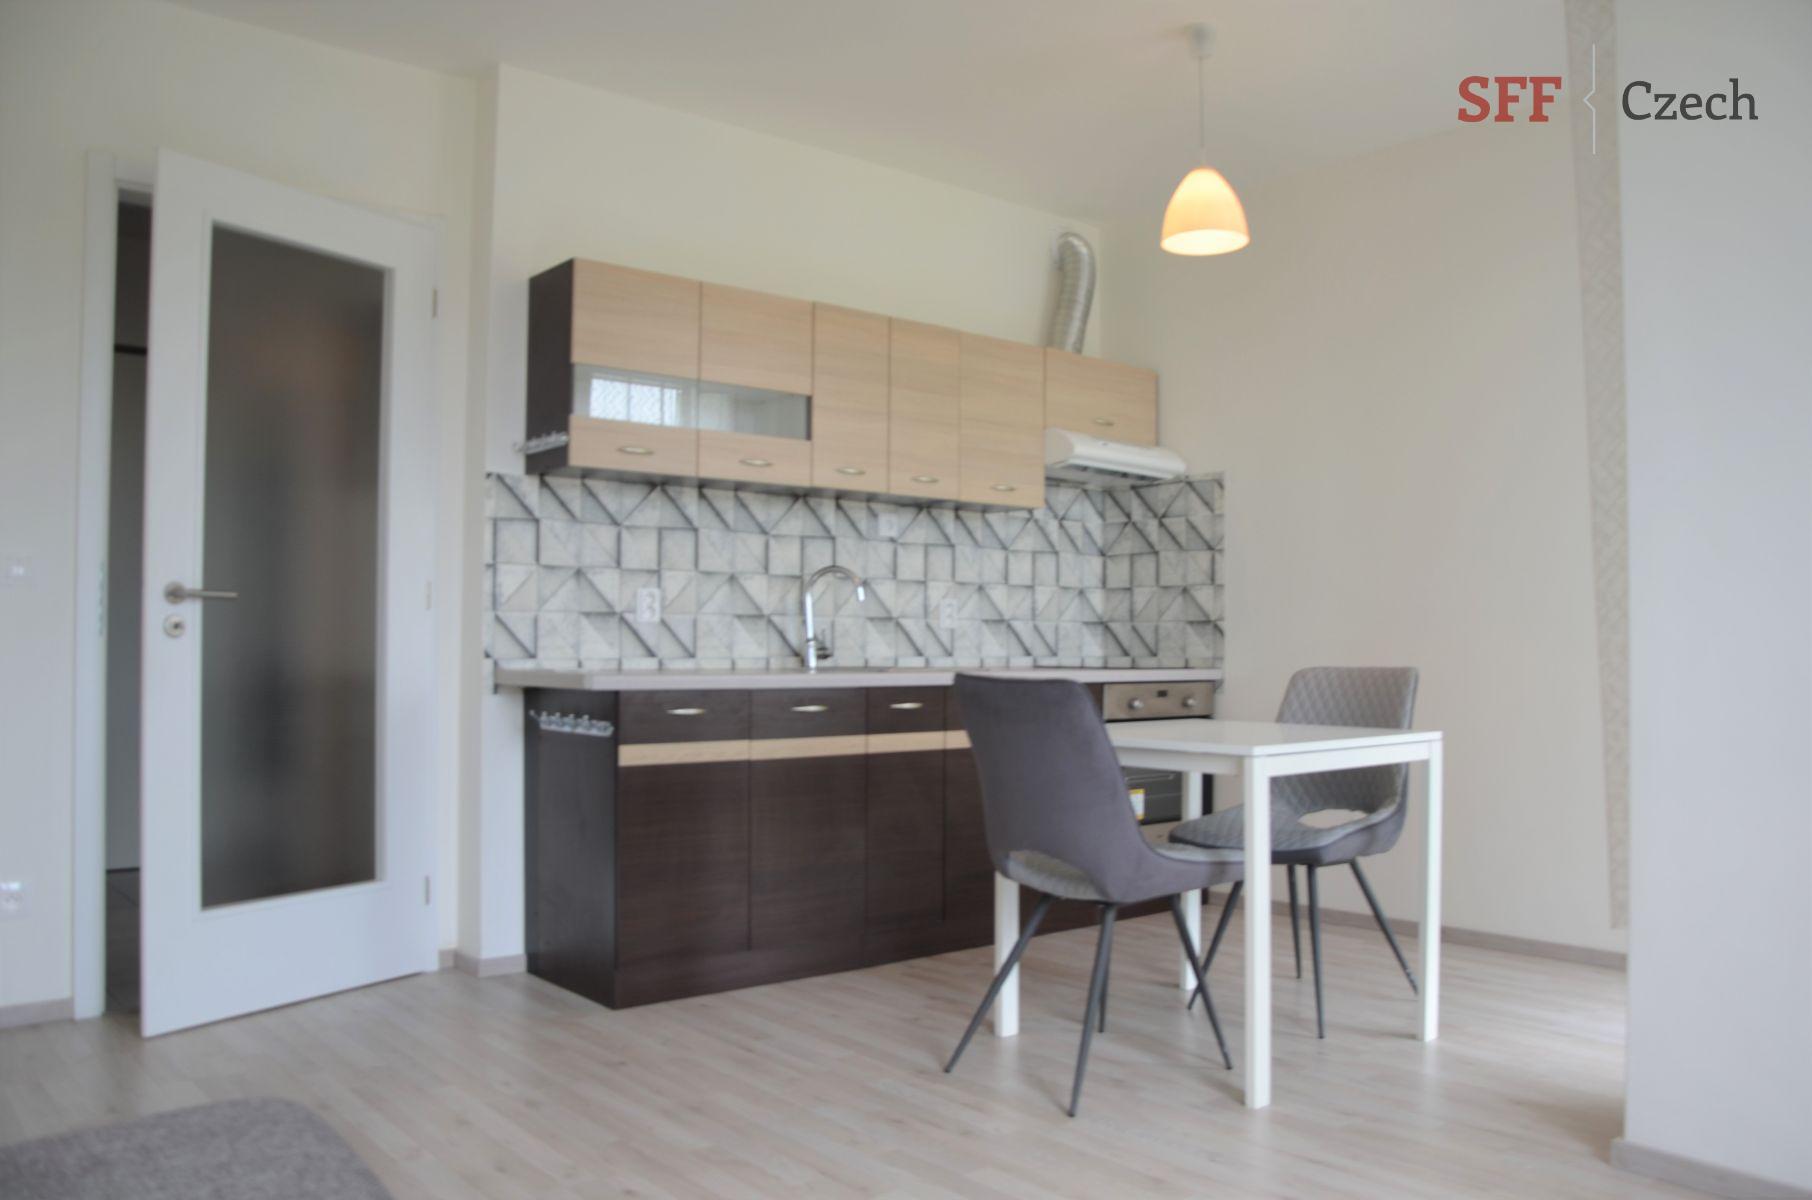 Hezký moderní zařízený byt 1+kk s balkónem v novostavbě Praha 9 Vysočany